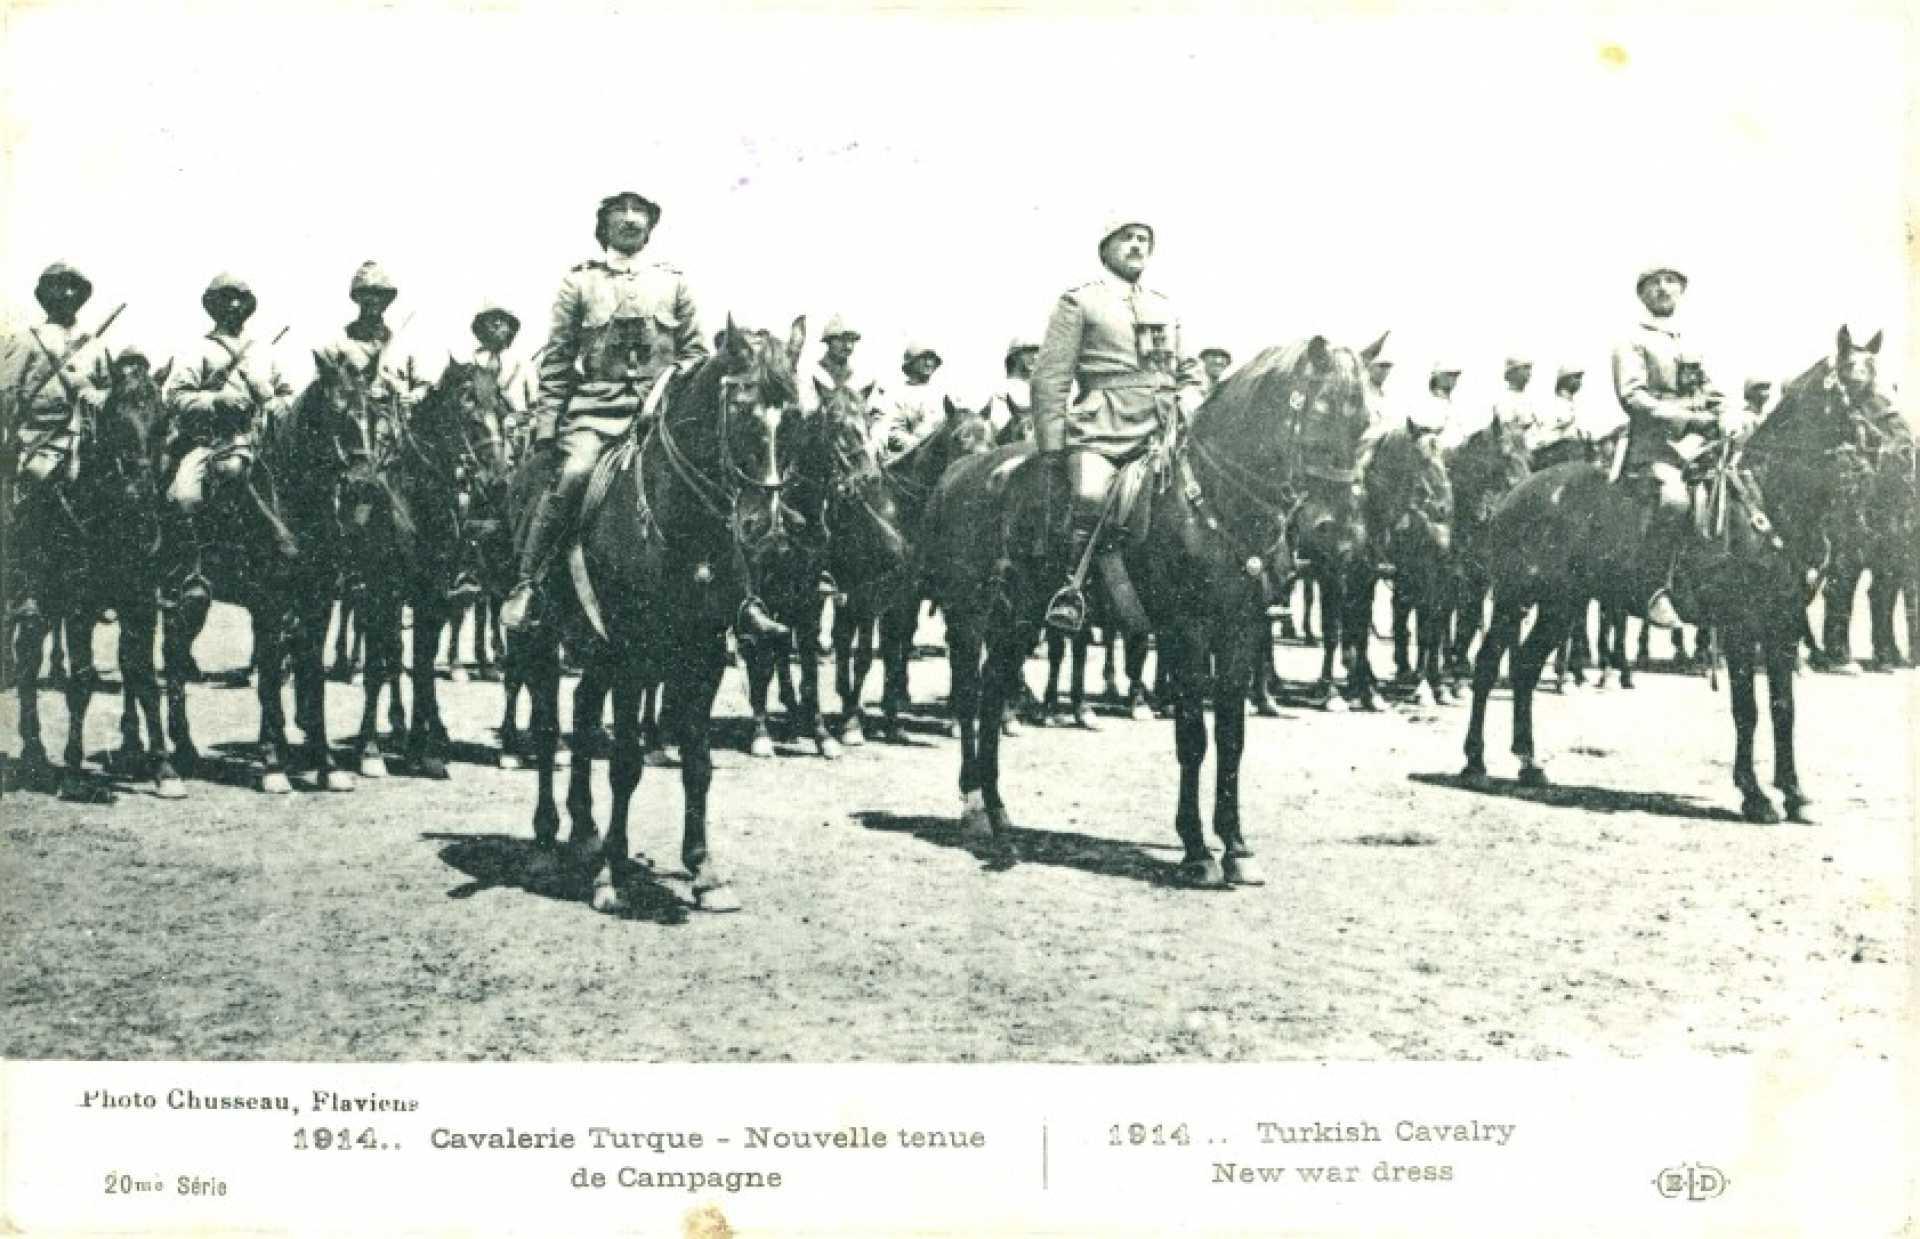 1914… Cavalerie Turque – Nouvelle tenue de Campagne